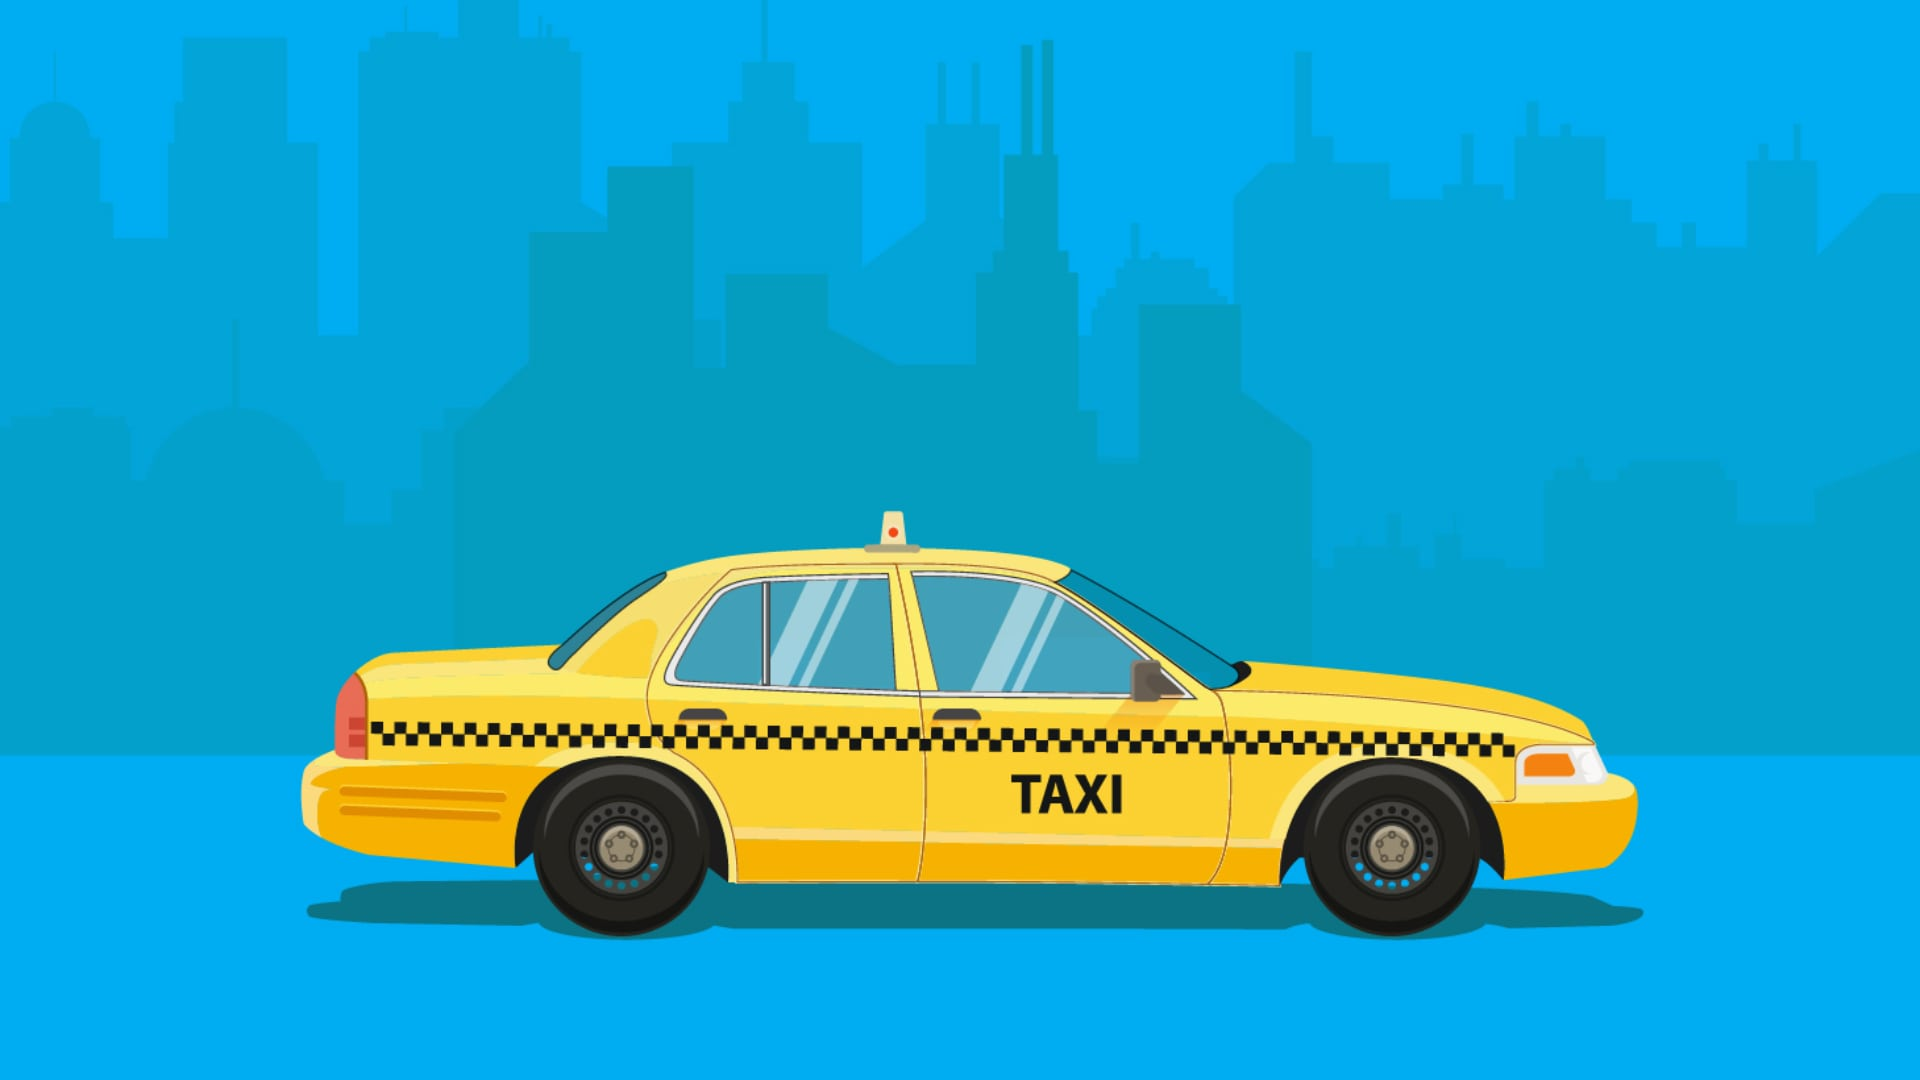 【基礎知識から豆知識まで】介護タクシーってどんなもの?